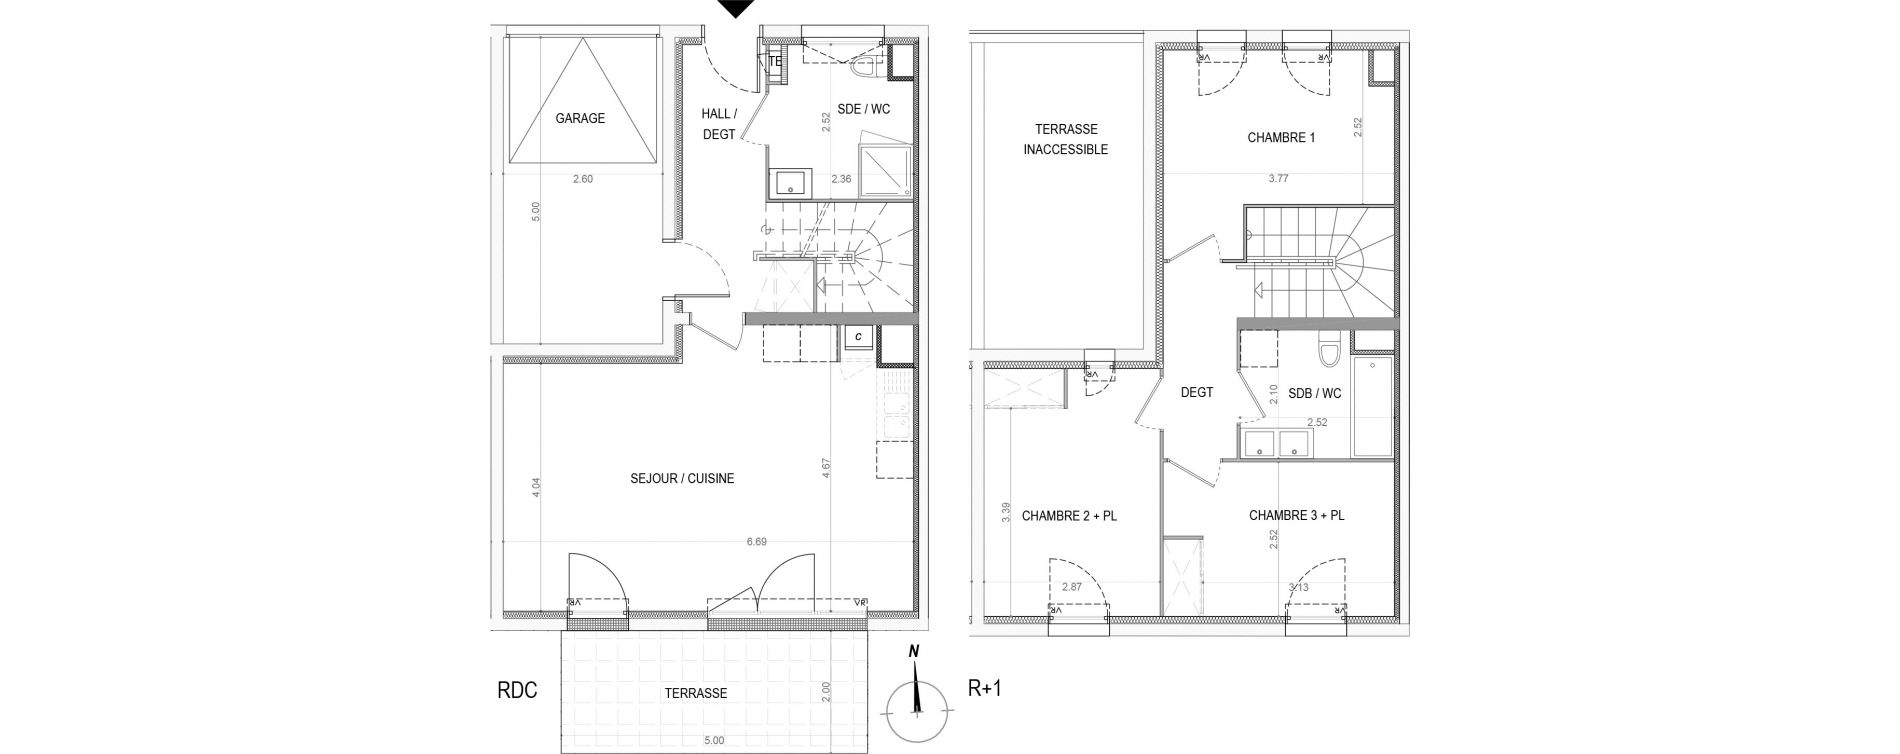 Maison T4 de 81,51 m2 à La Seyne-Sur-Mer Porte marine